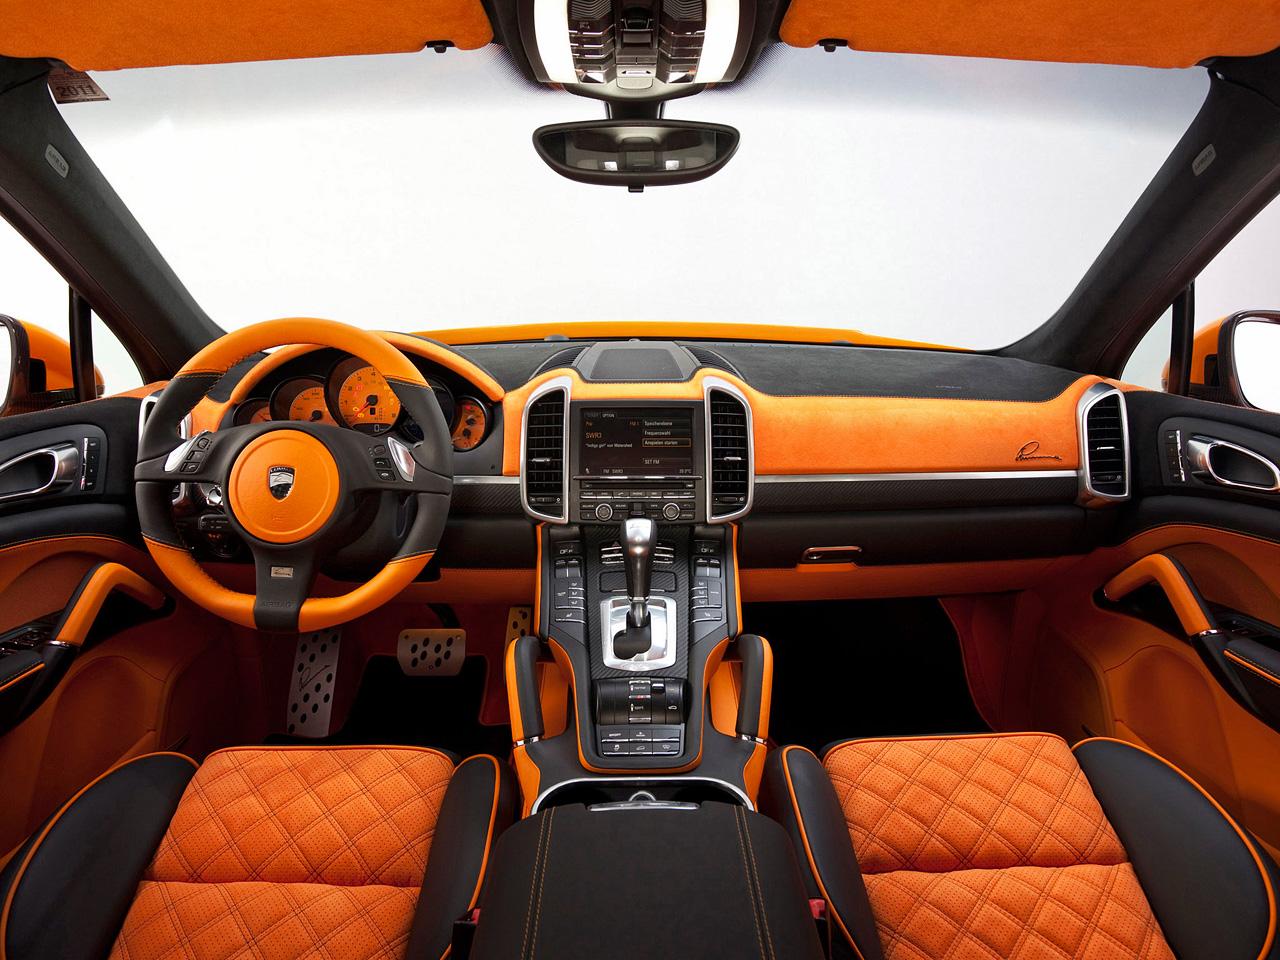 2012 Lumma Design Porsche Cayenne S Hybrid - interior design